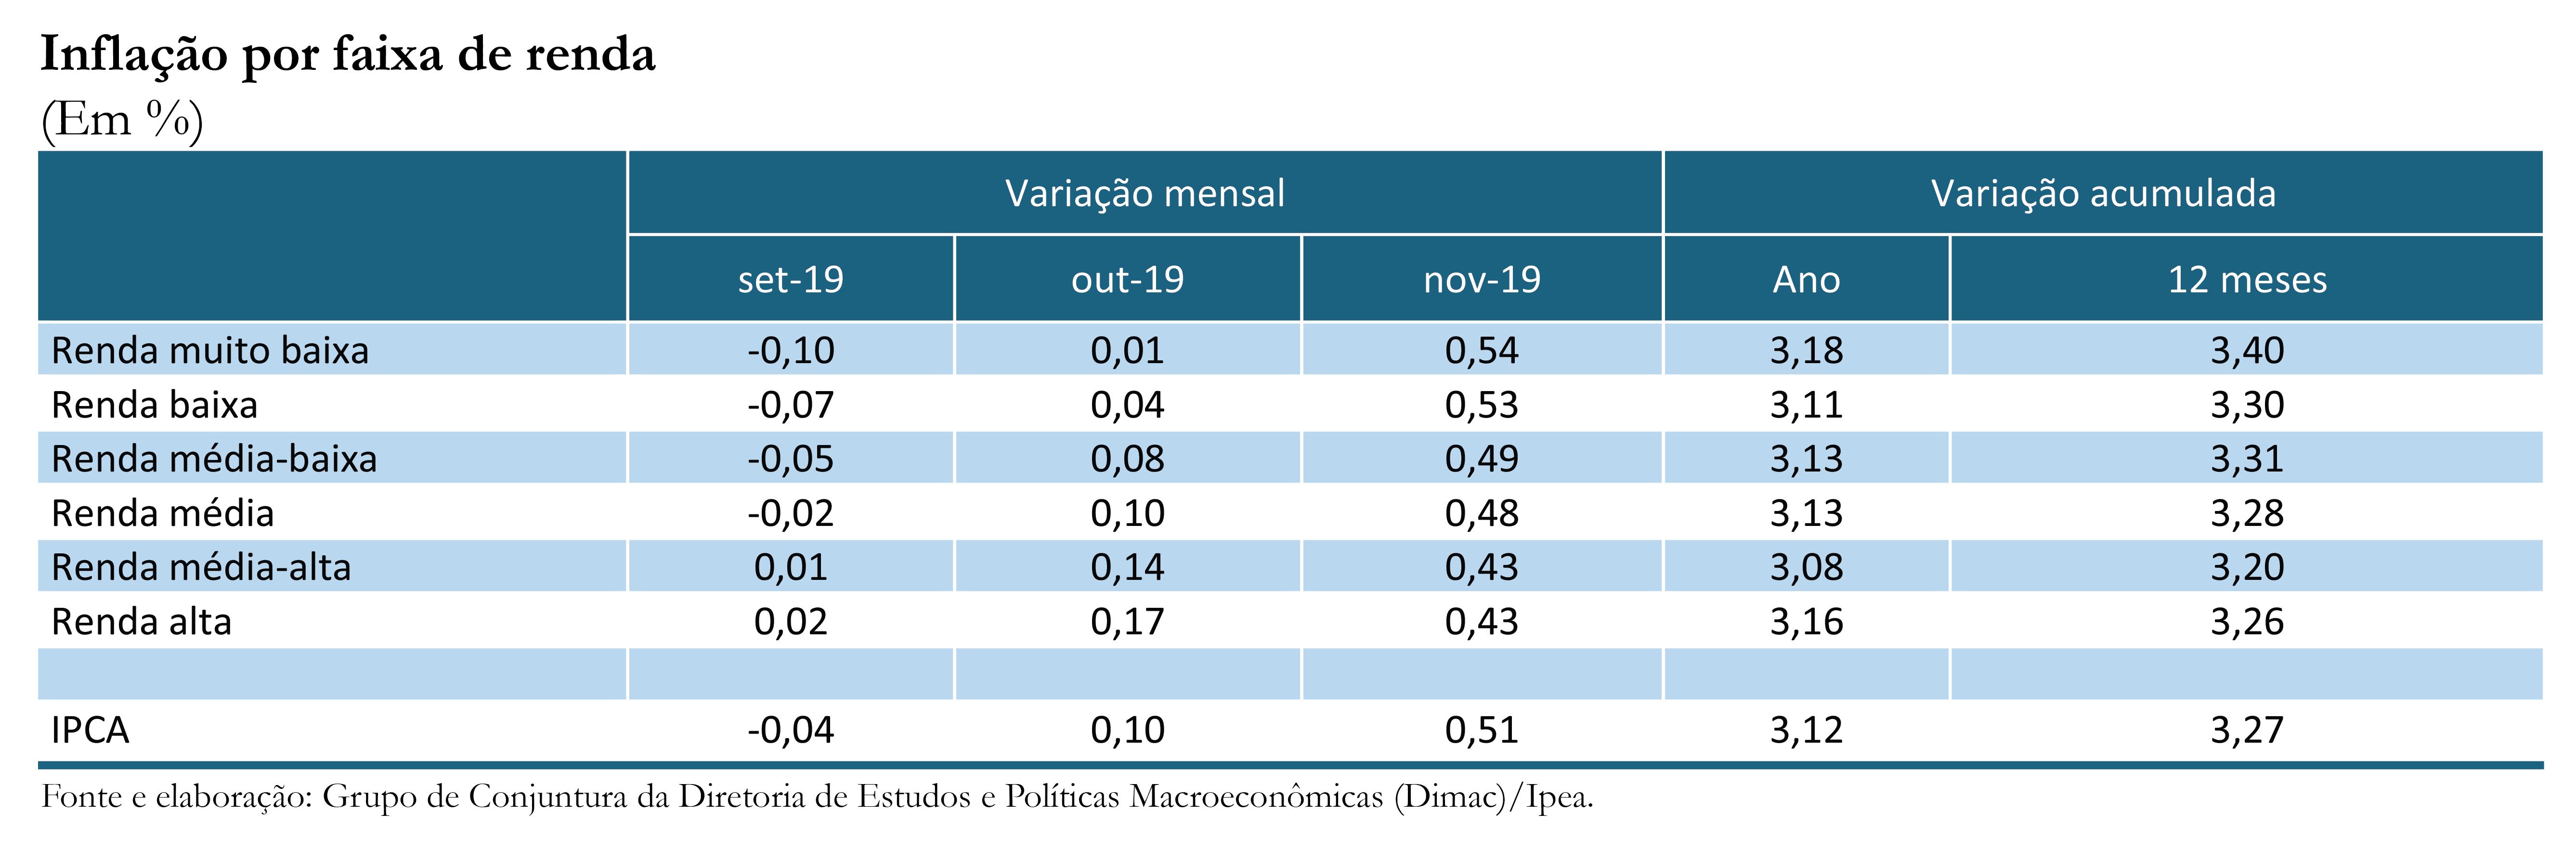 191210_cc_45_inflacao_por_faixa_de_renda_tabela_01